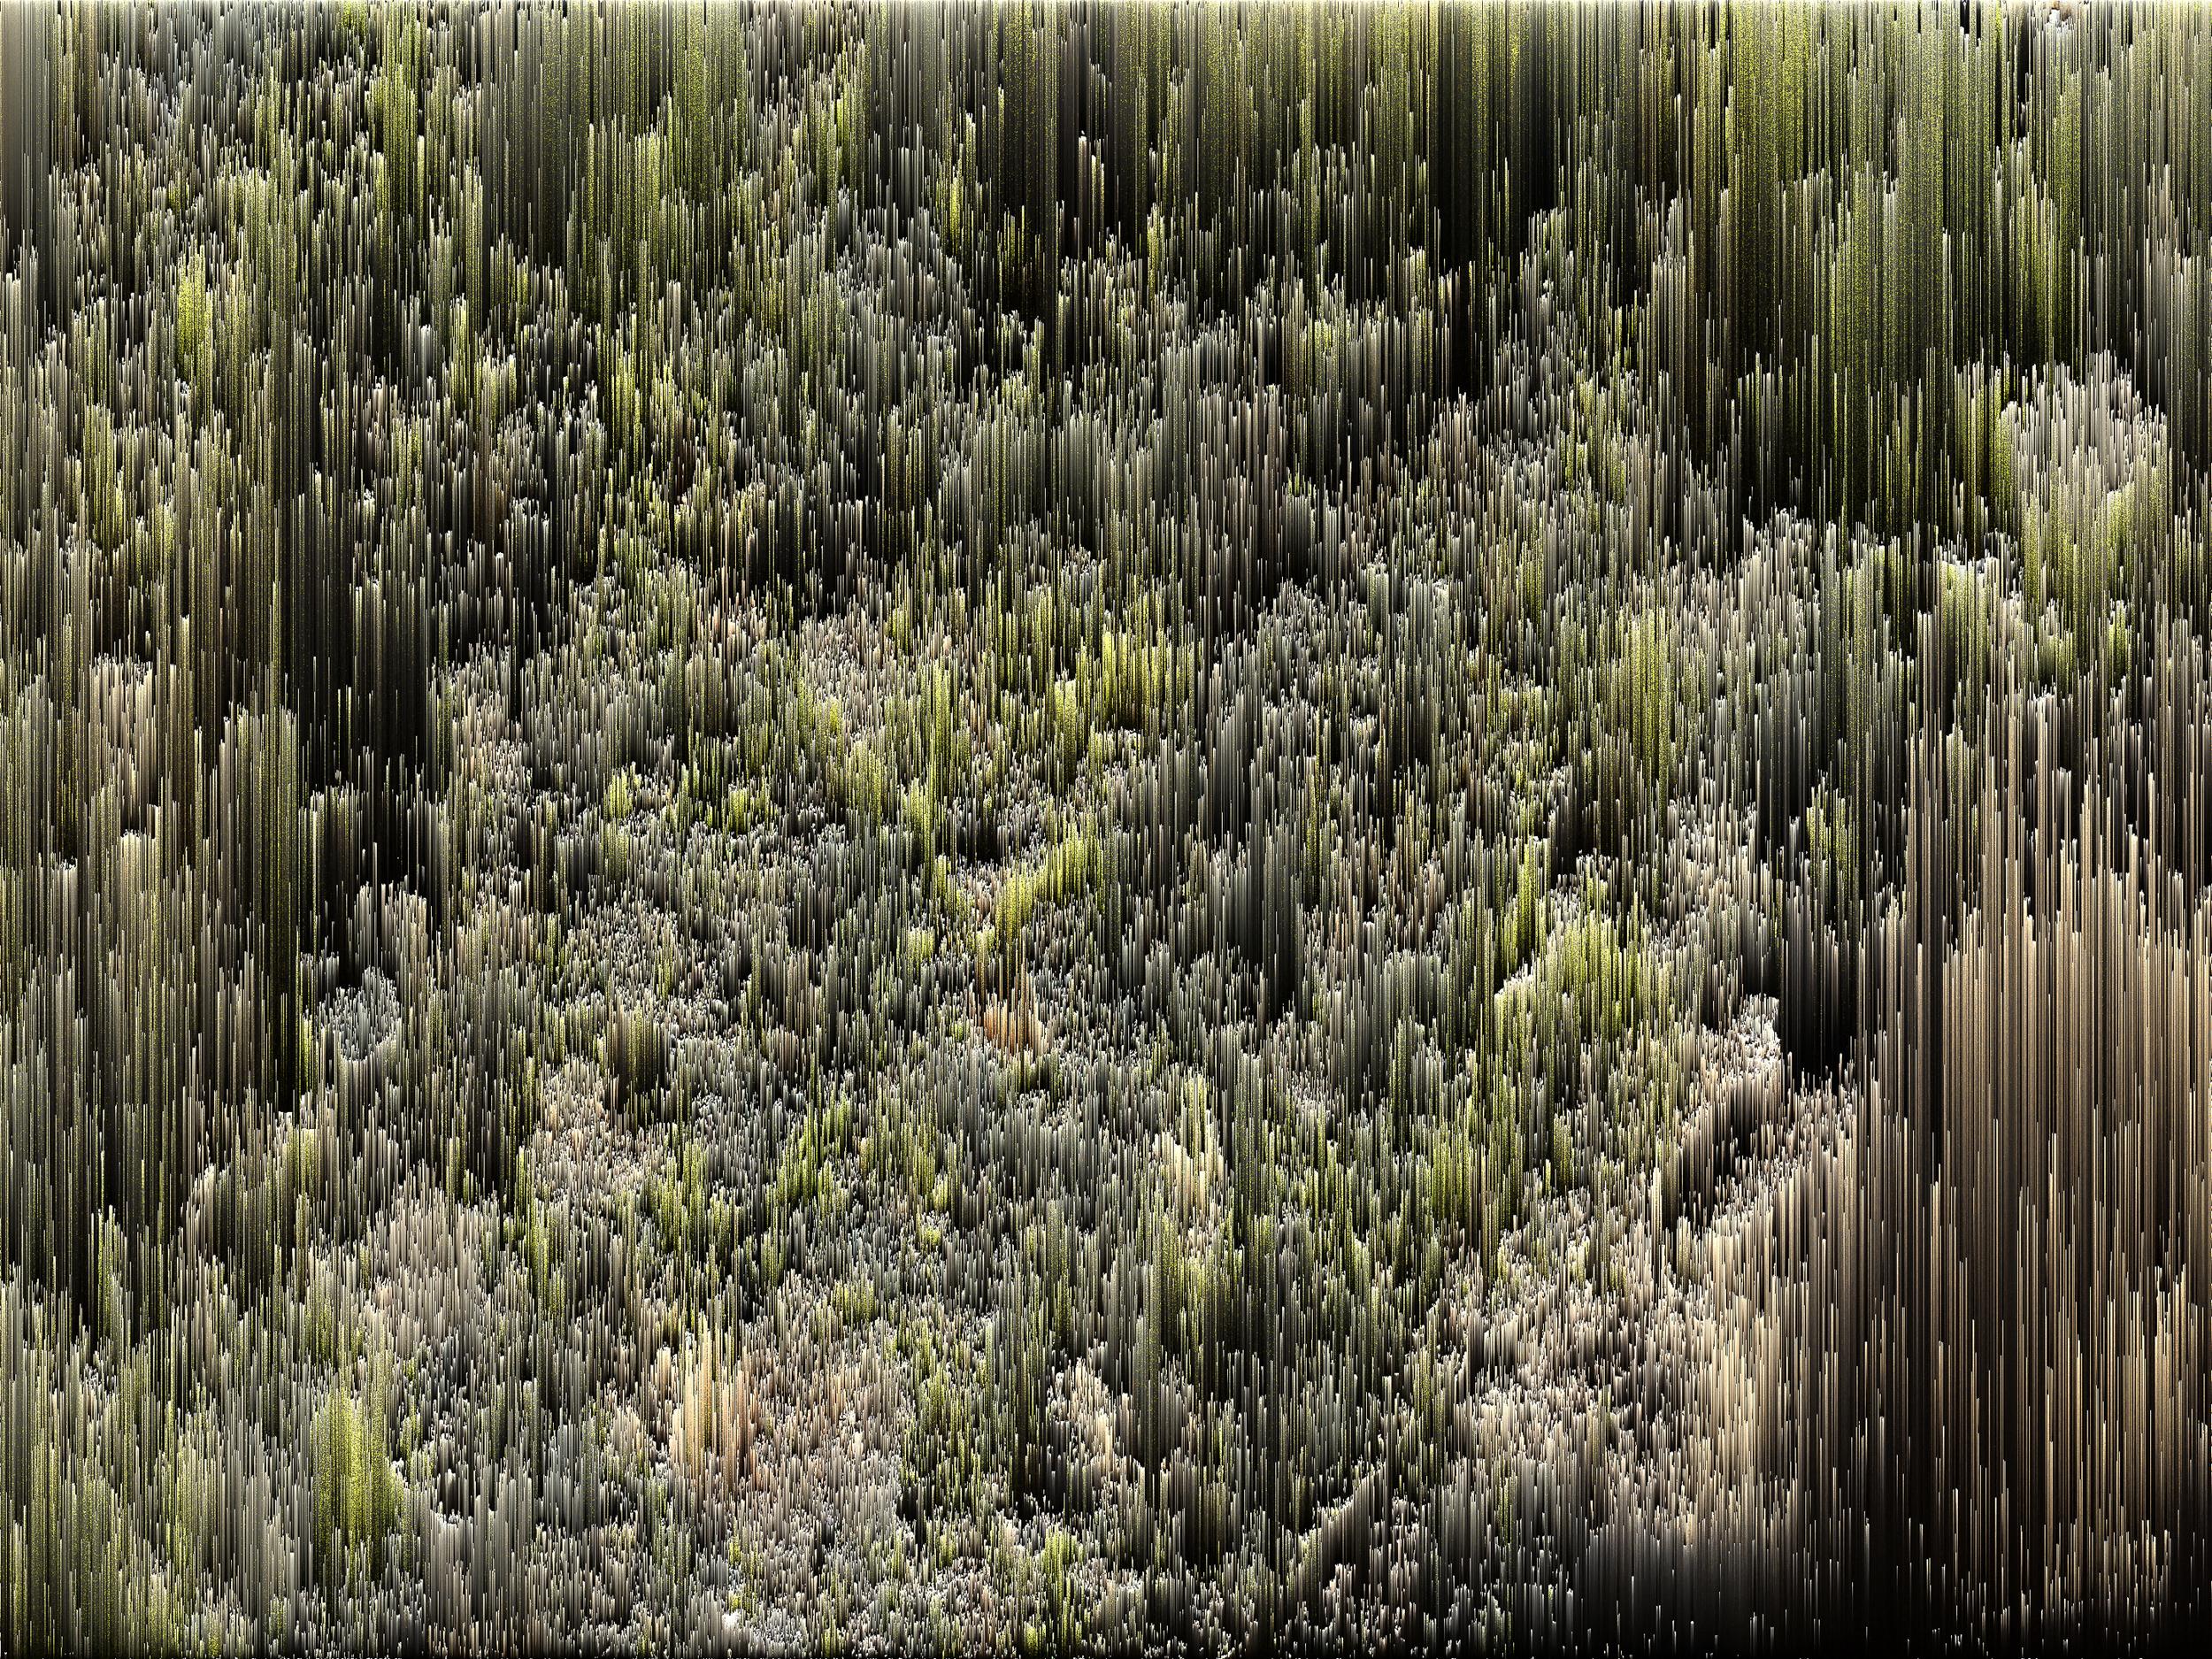 alban_guerry-suire_pixel_sorting-025.jpg